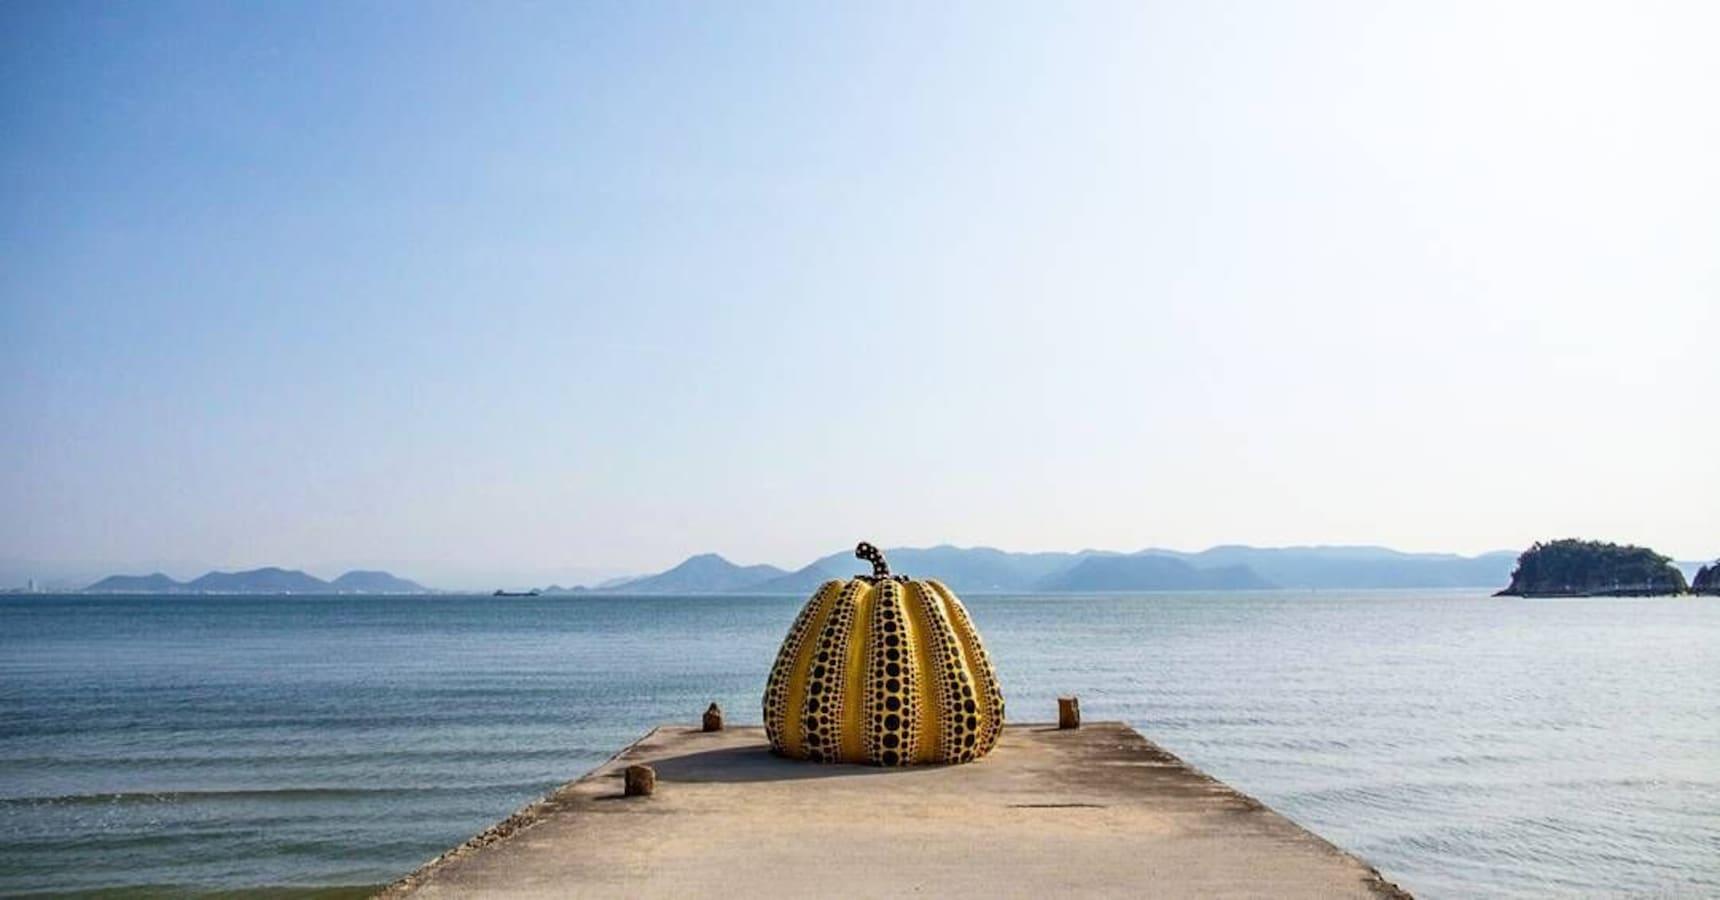 예술과 낭만이 흐르는 섬, 나오시마